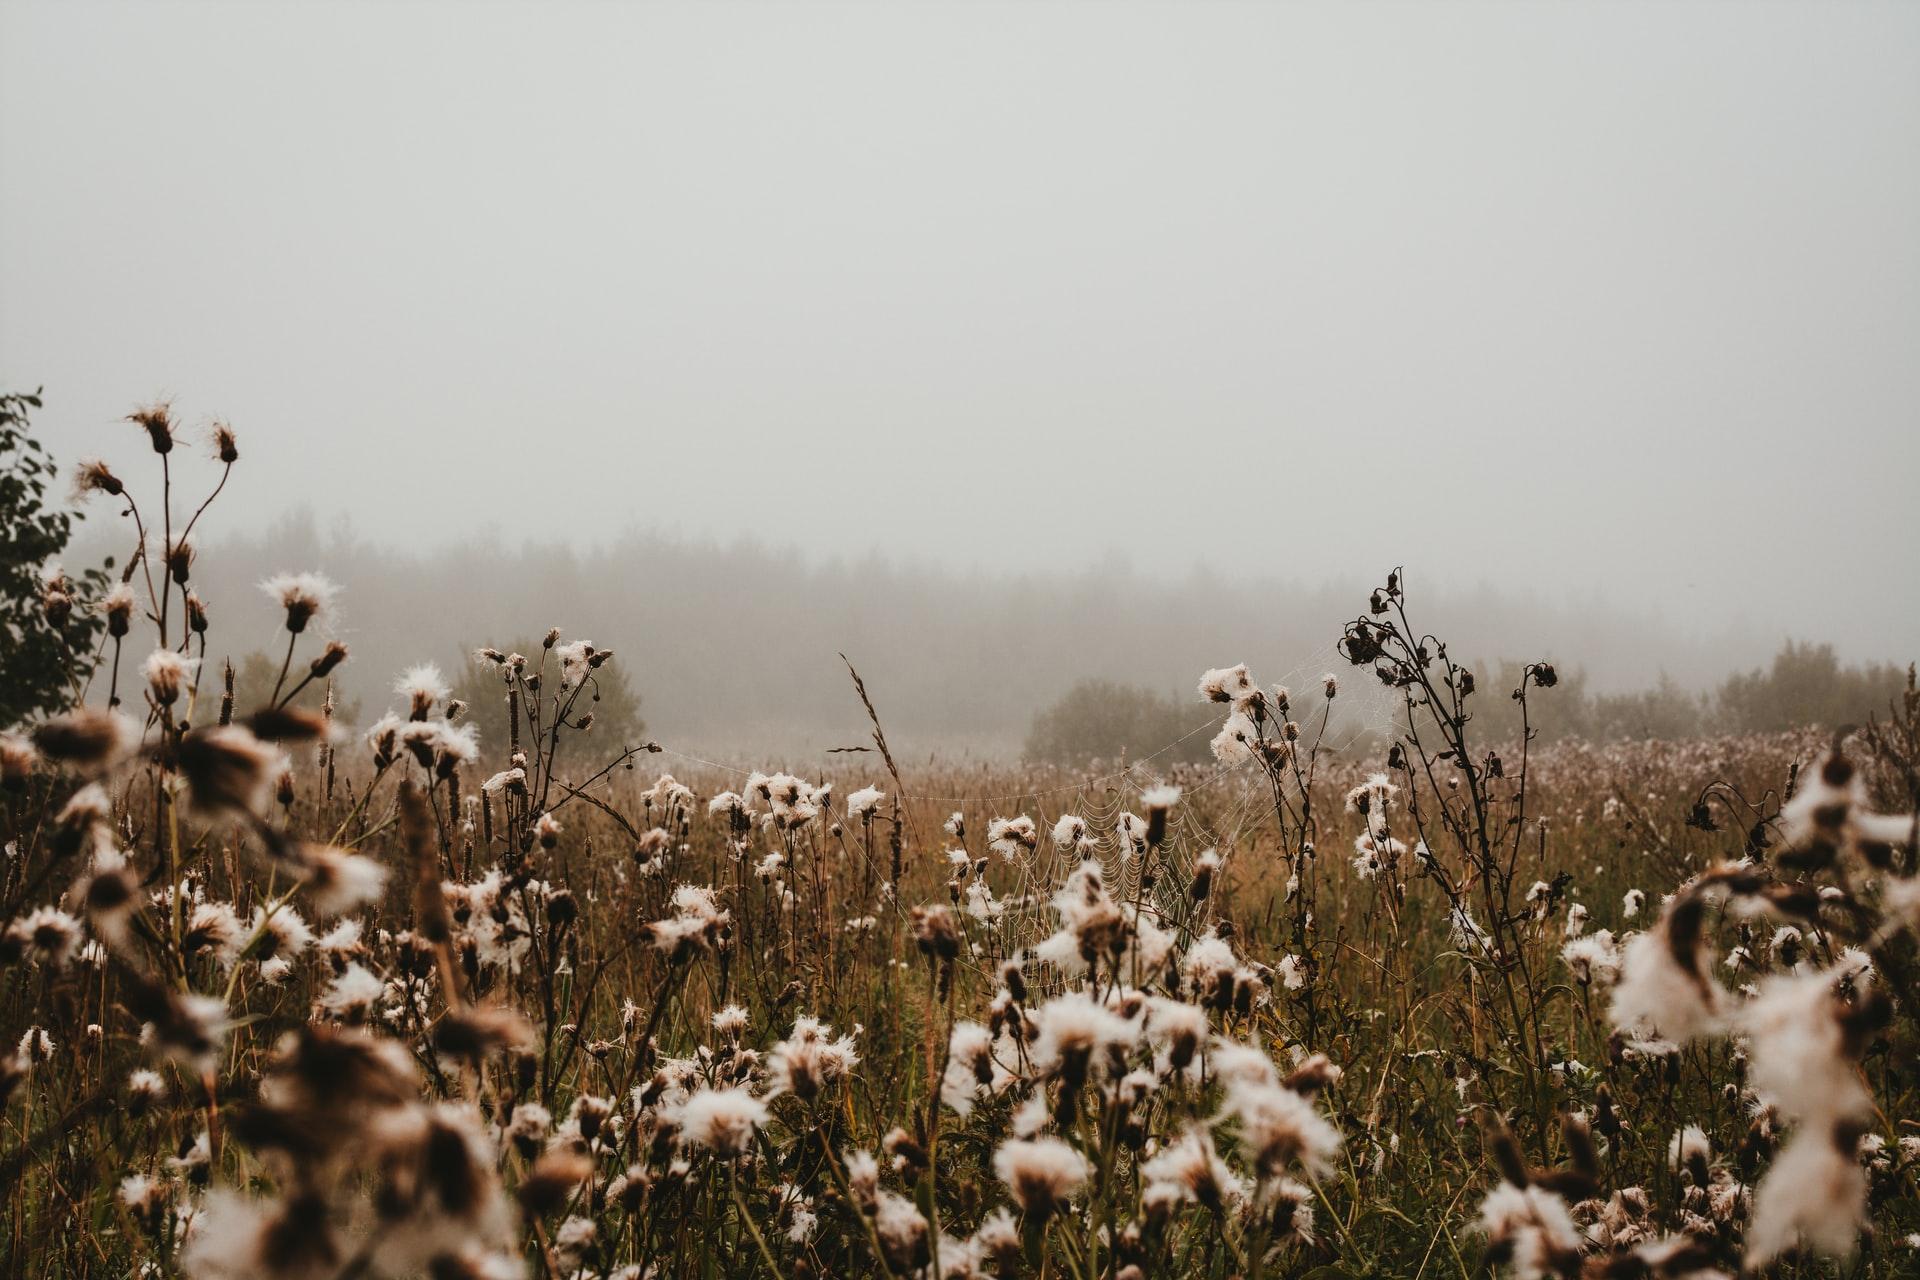 Cotton: Kharif season